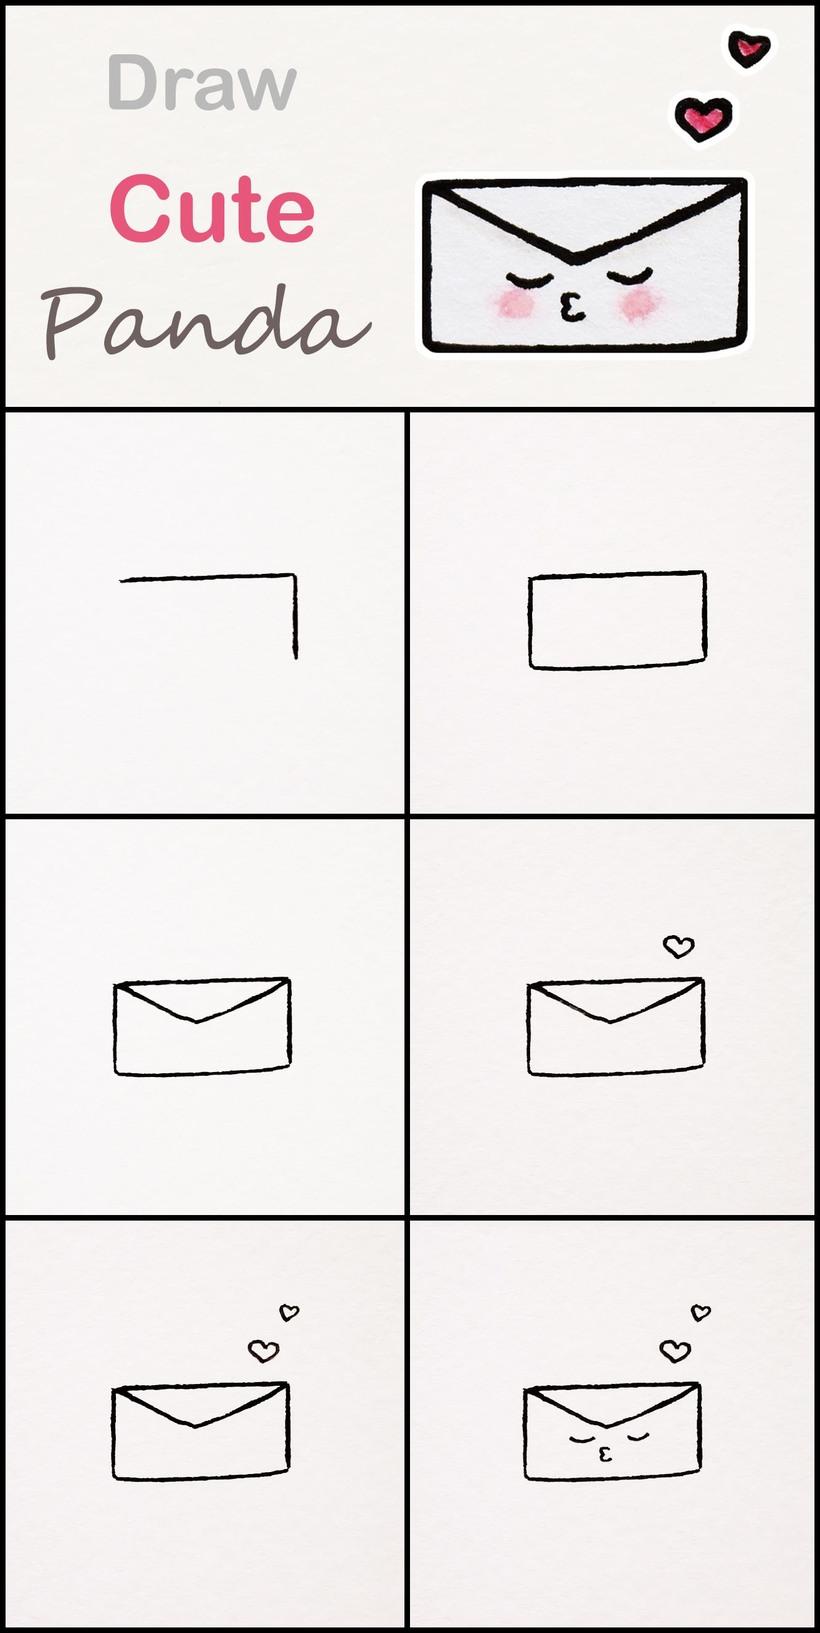 carta de amor en sobre kawaii dibujos faciles paso a paso